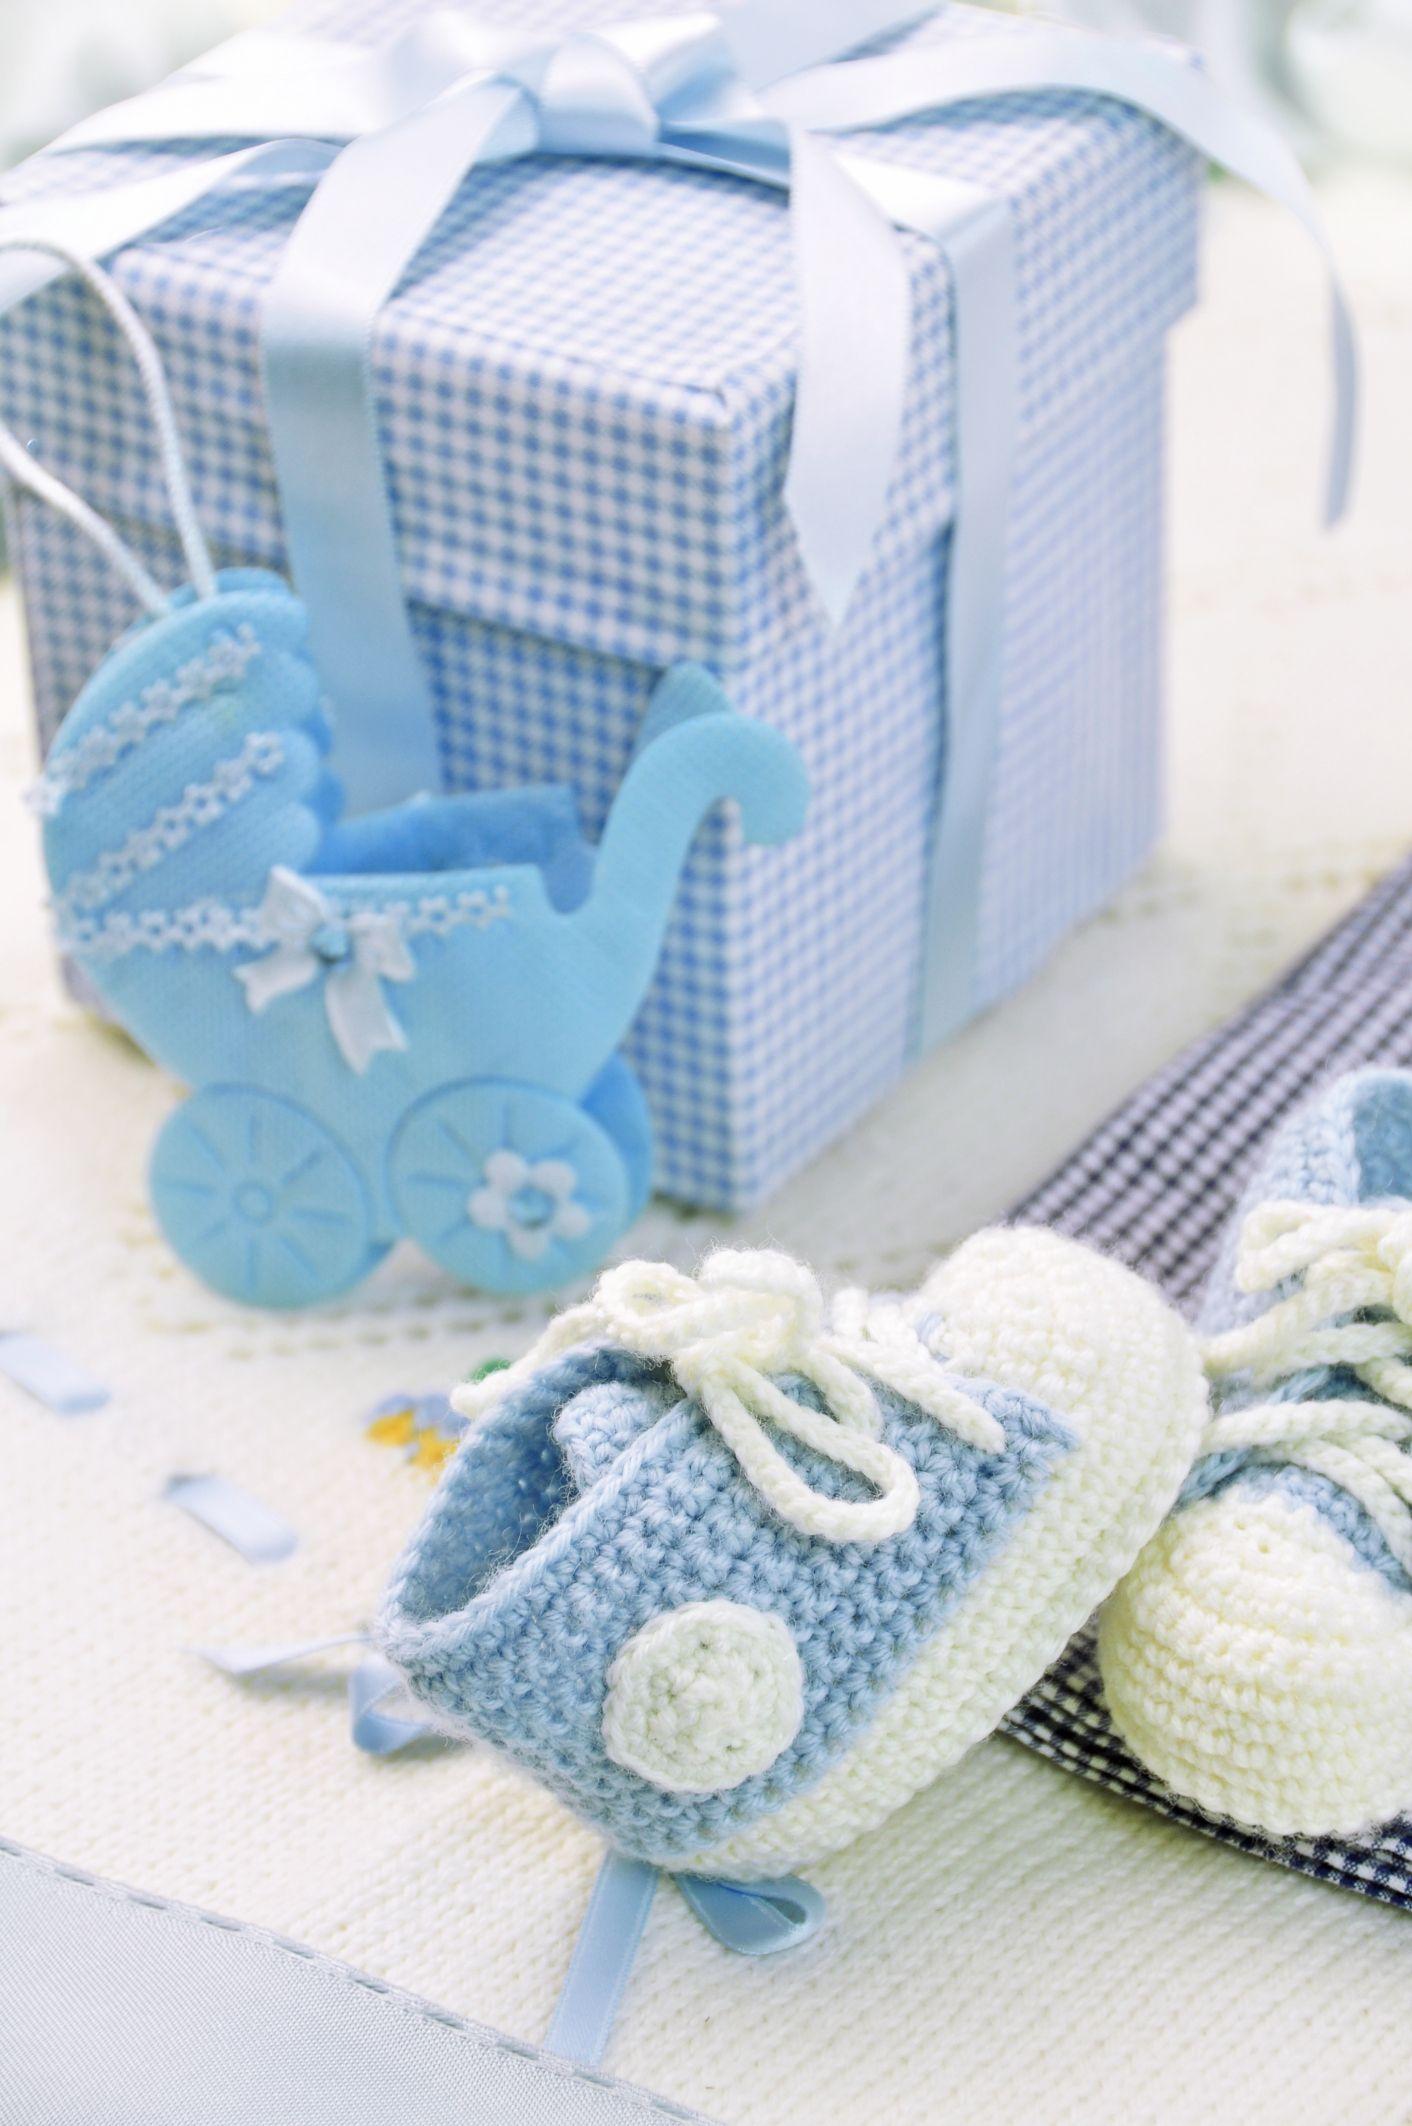 Cajas Forradas Para Accesorios Del Bebe Cajas Forradas Accesorios Para Bebes Cajas